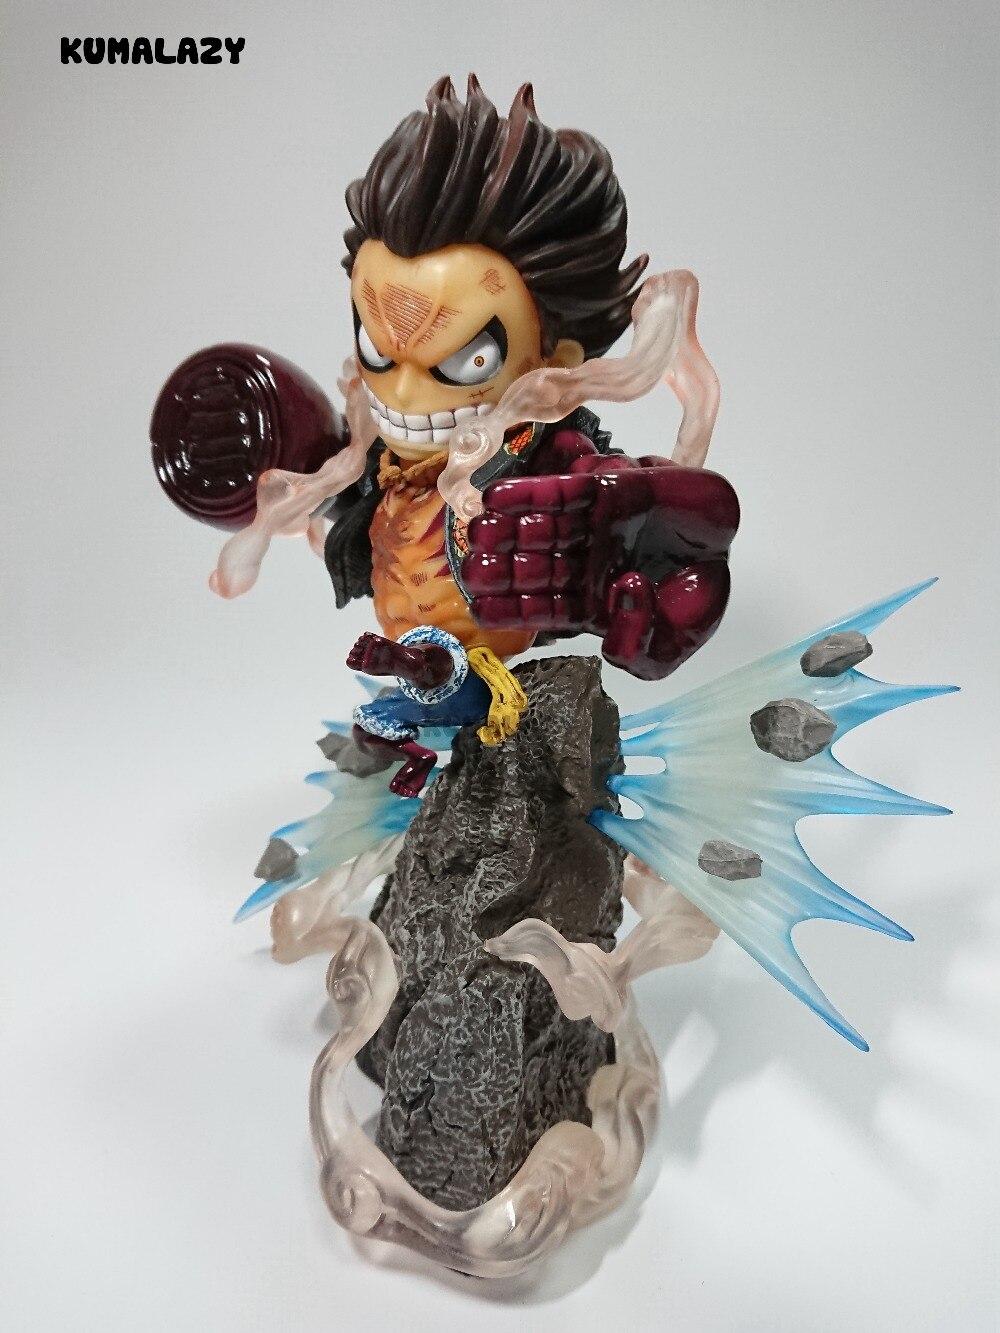 KUMALAZY One Piece Luffy Vitesse Quatrième Singe D Luffy Effet Sence 20 CM PVC Action Figure Modèle Chirstmas Cadeau